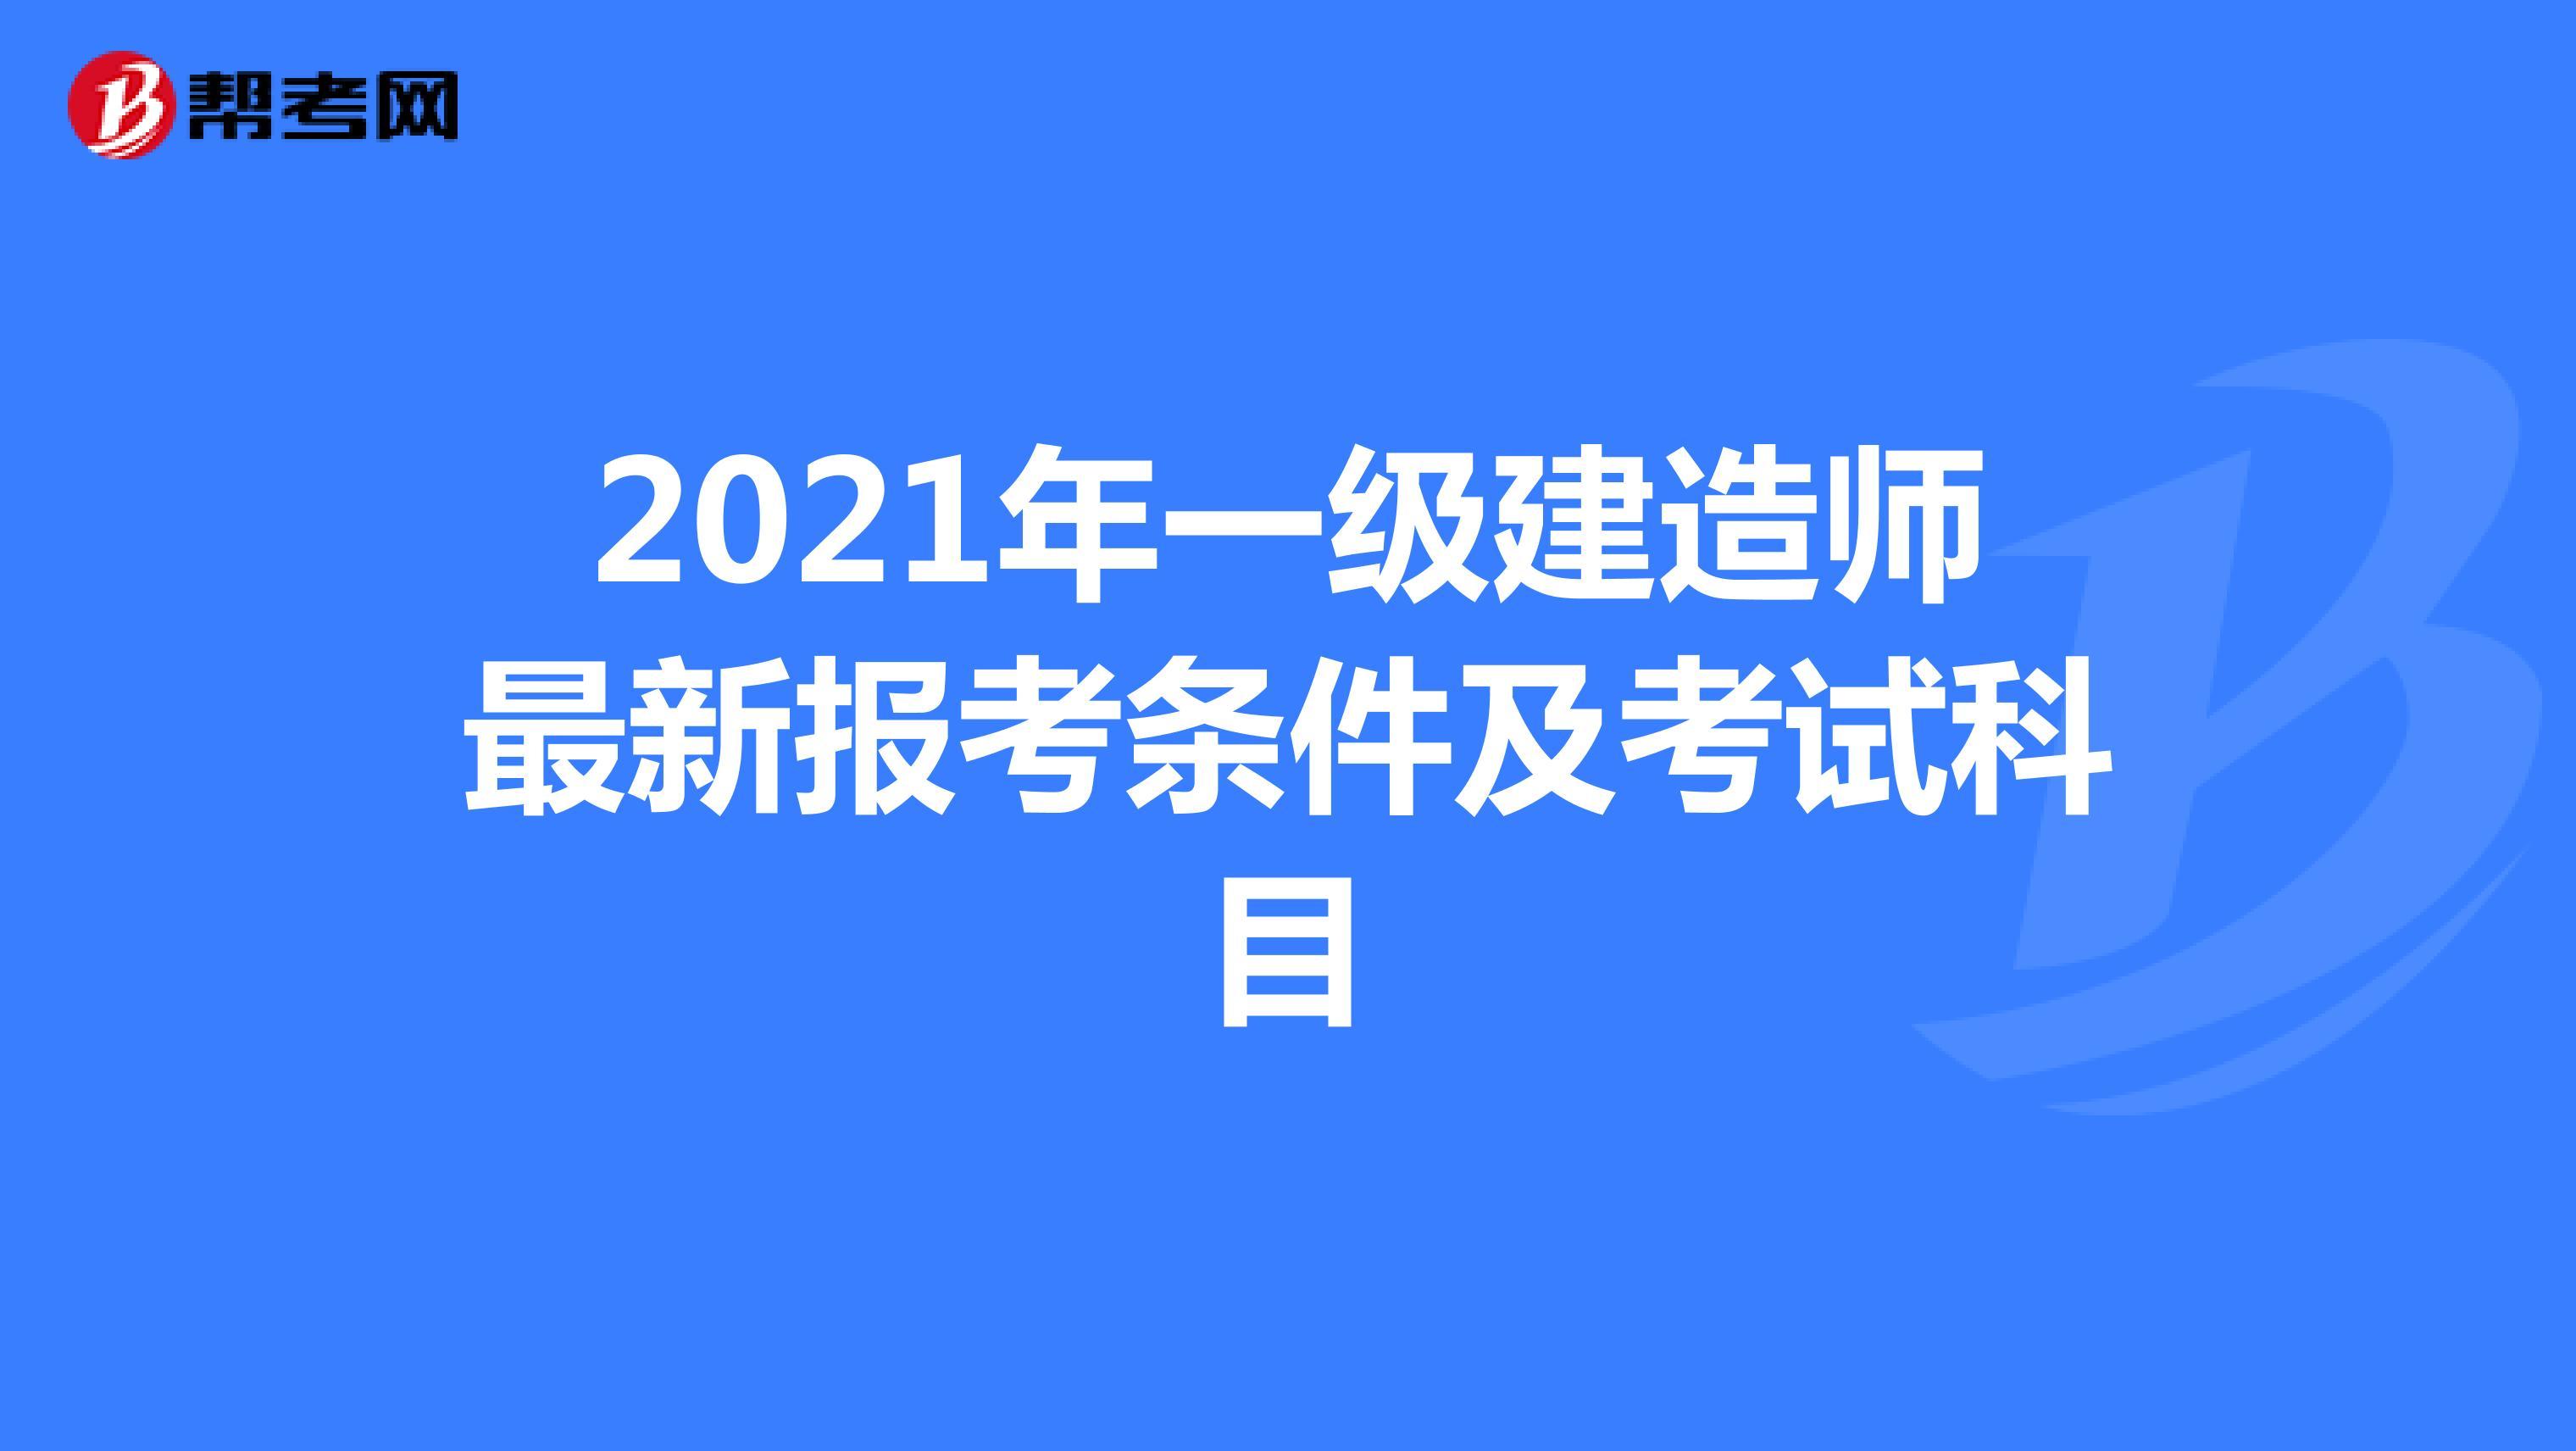 2021年【热竞技下载开户】一级建造师最新报考条件及考试科目